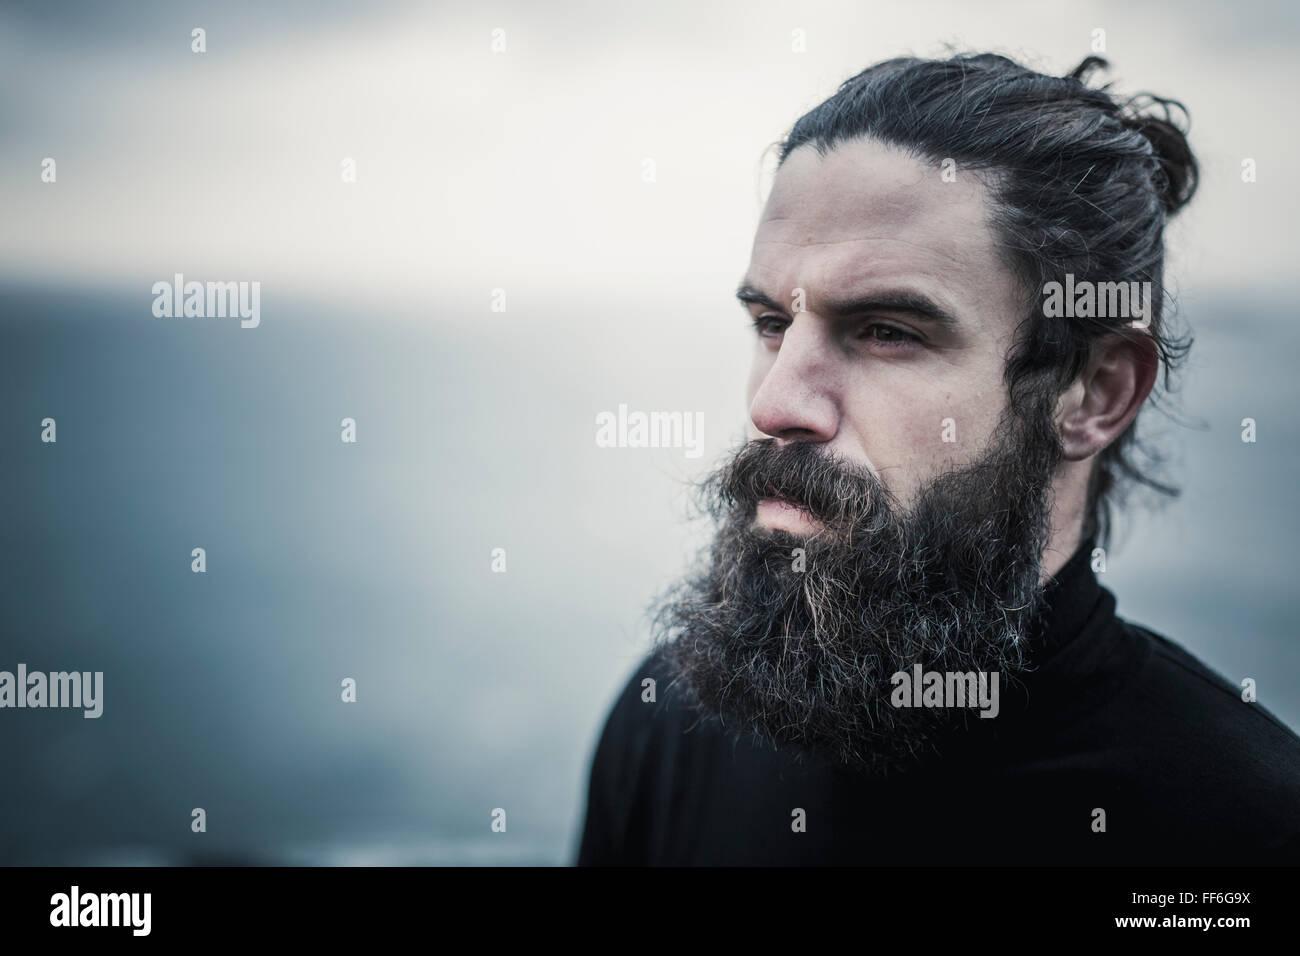 Un uomo con il pieno di barba e baffi e capelli neri rottamato indietro dal suo volto. Immagini Stock